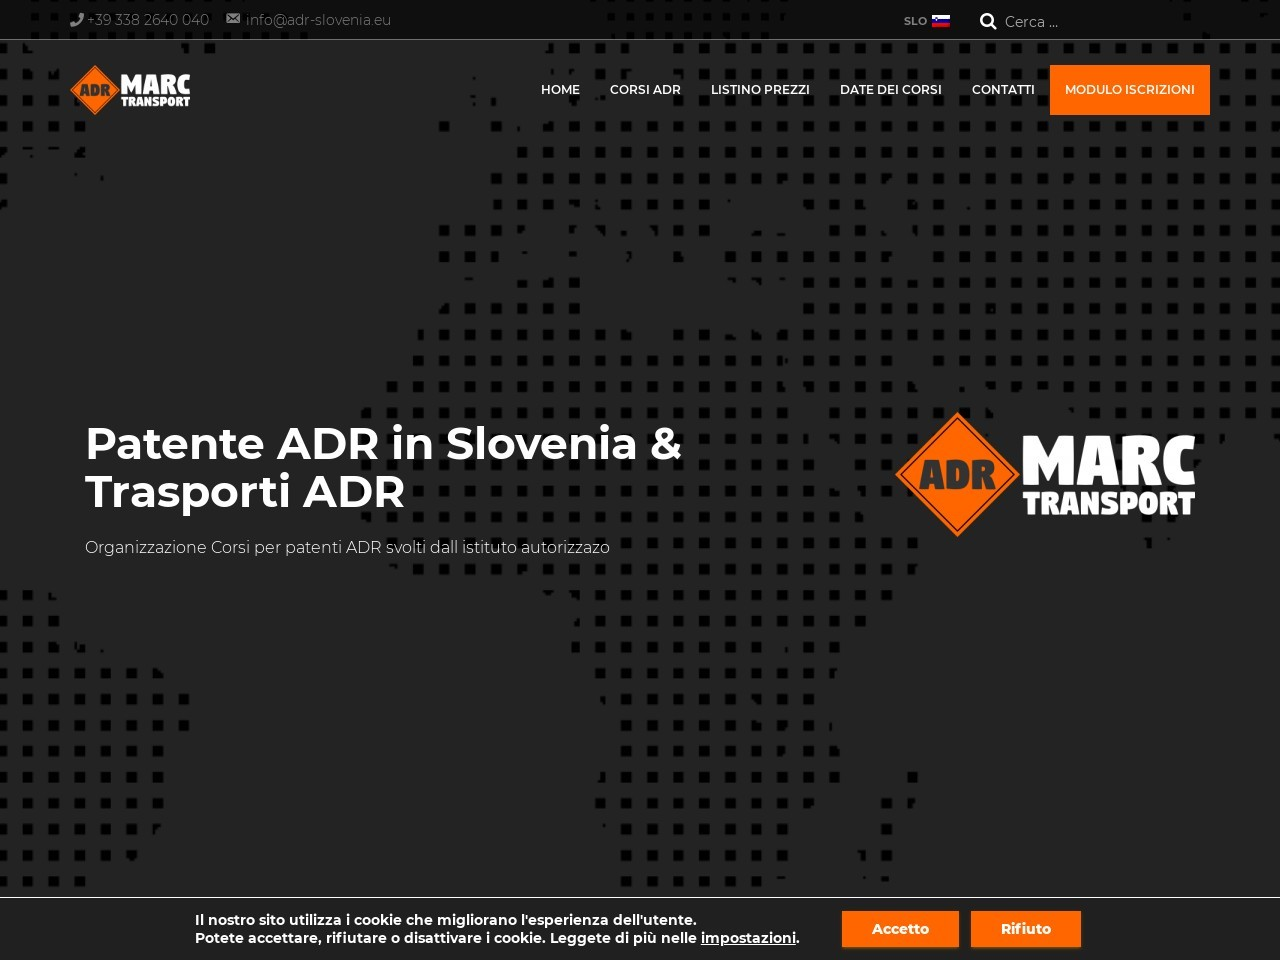 wordpress spletna stran adr slovenia